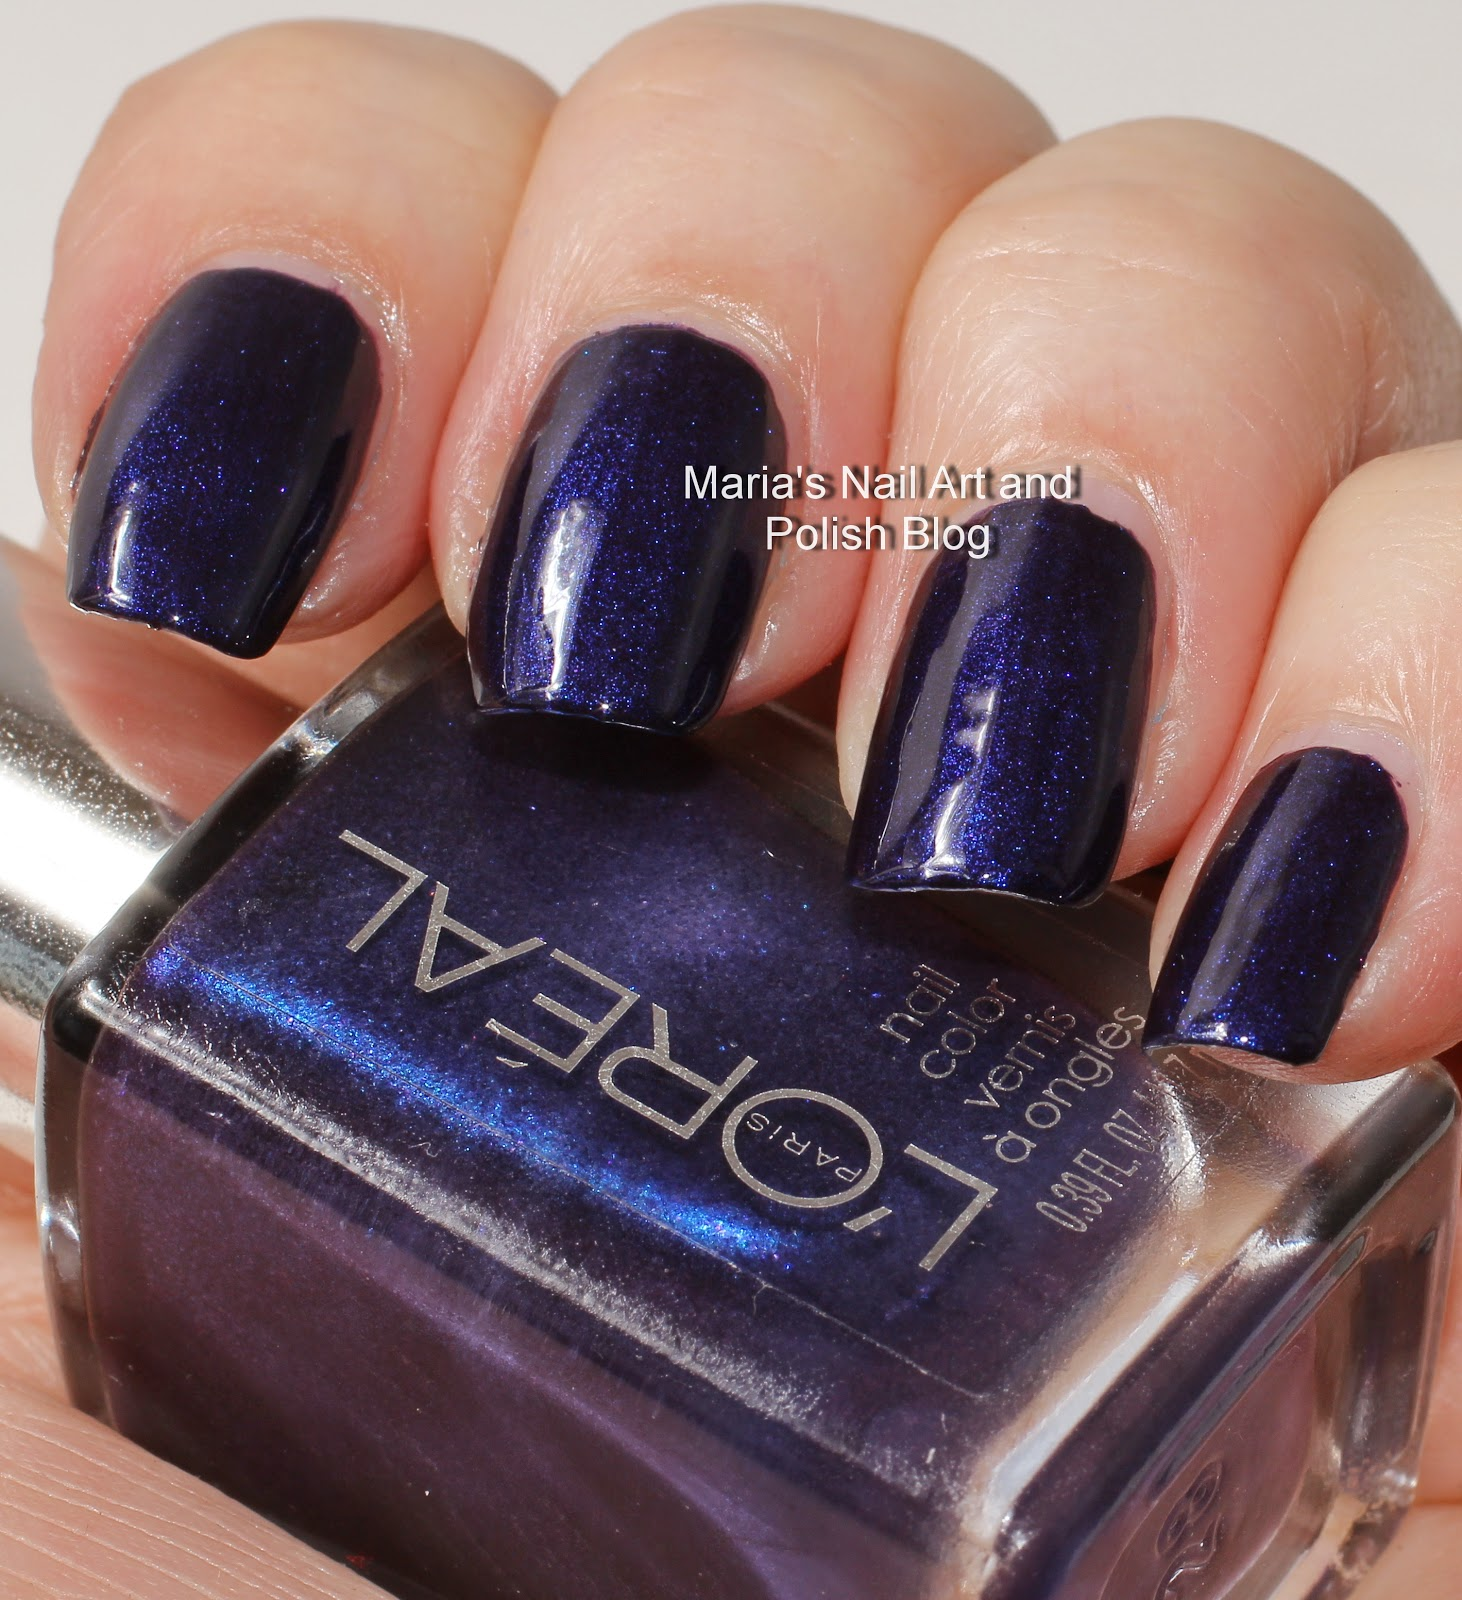 Loreal Nail Polish Swatches: Marias Nail Art And Polish Blog: L'Oreal The Mystic's